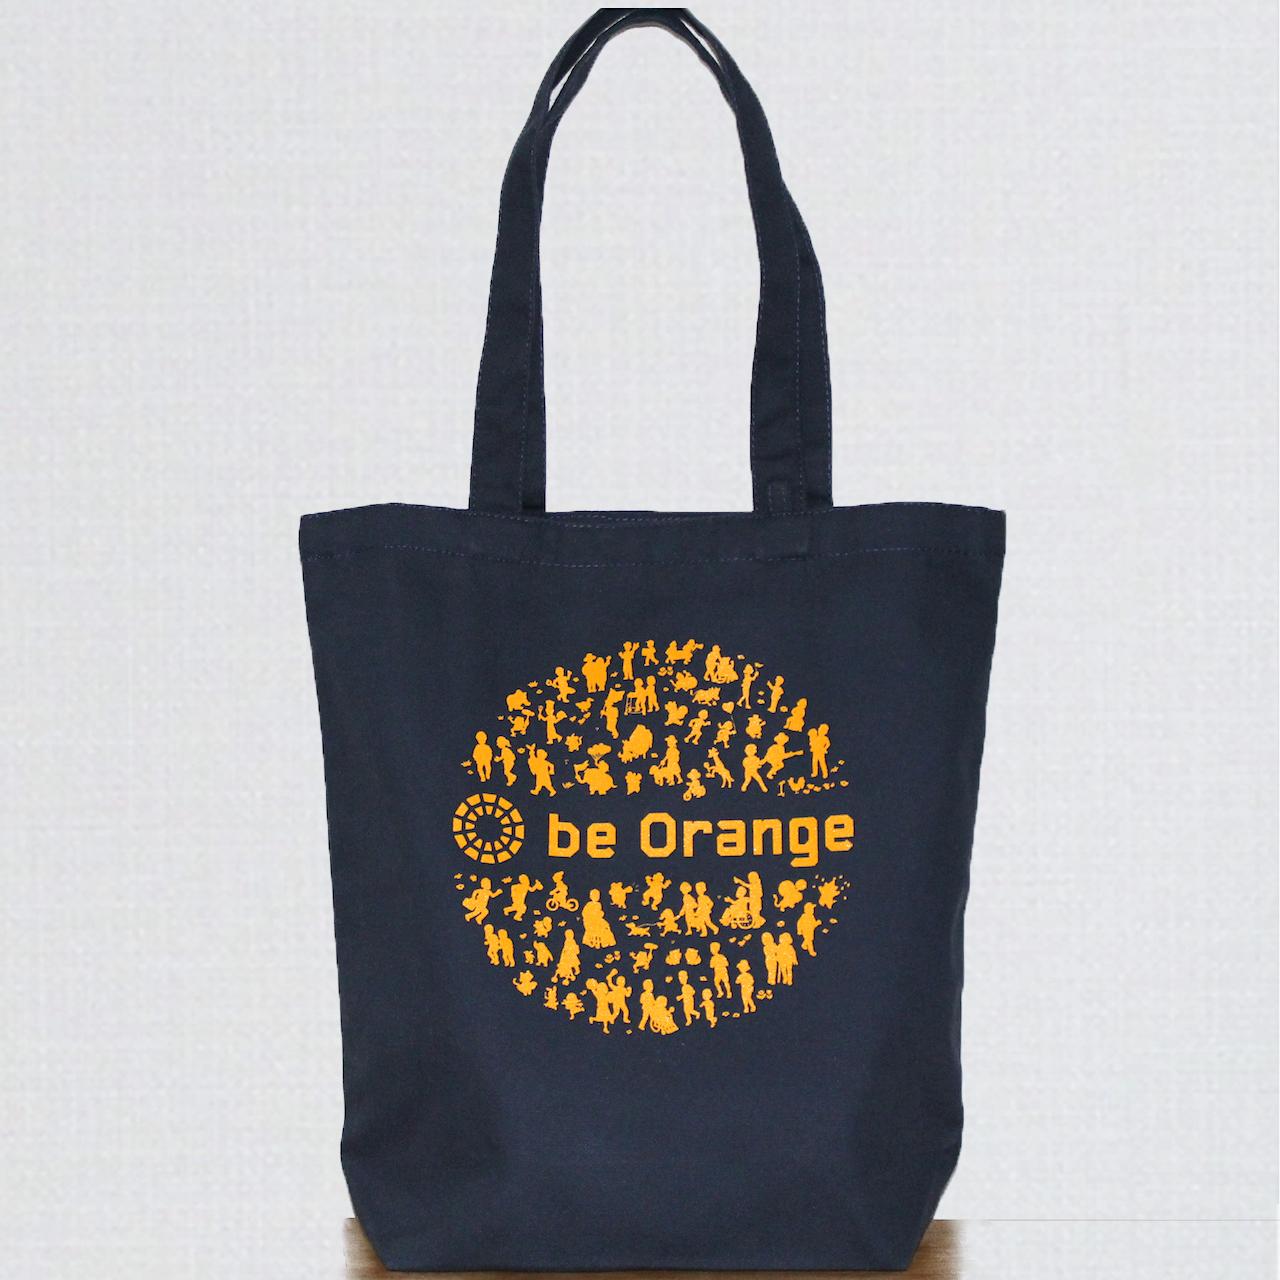 【バッグ】チャリティートートバッグ(ネイビー) ※寄付つき商品